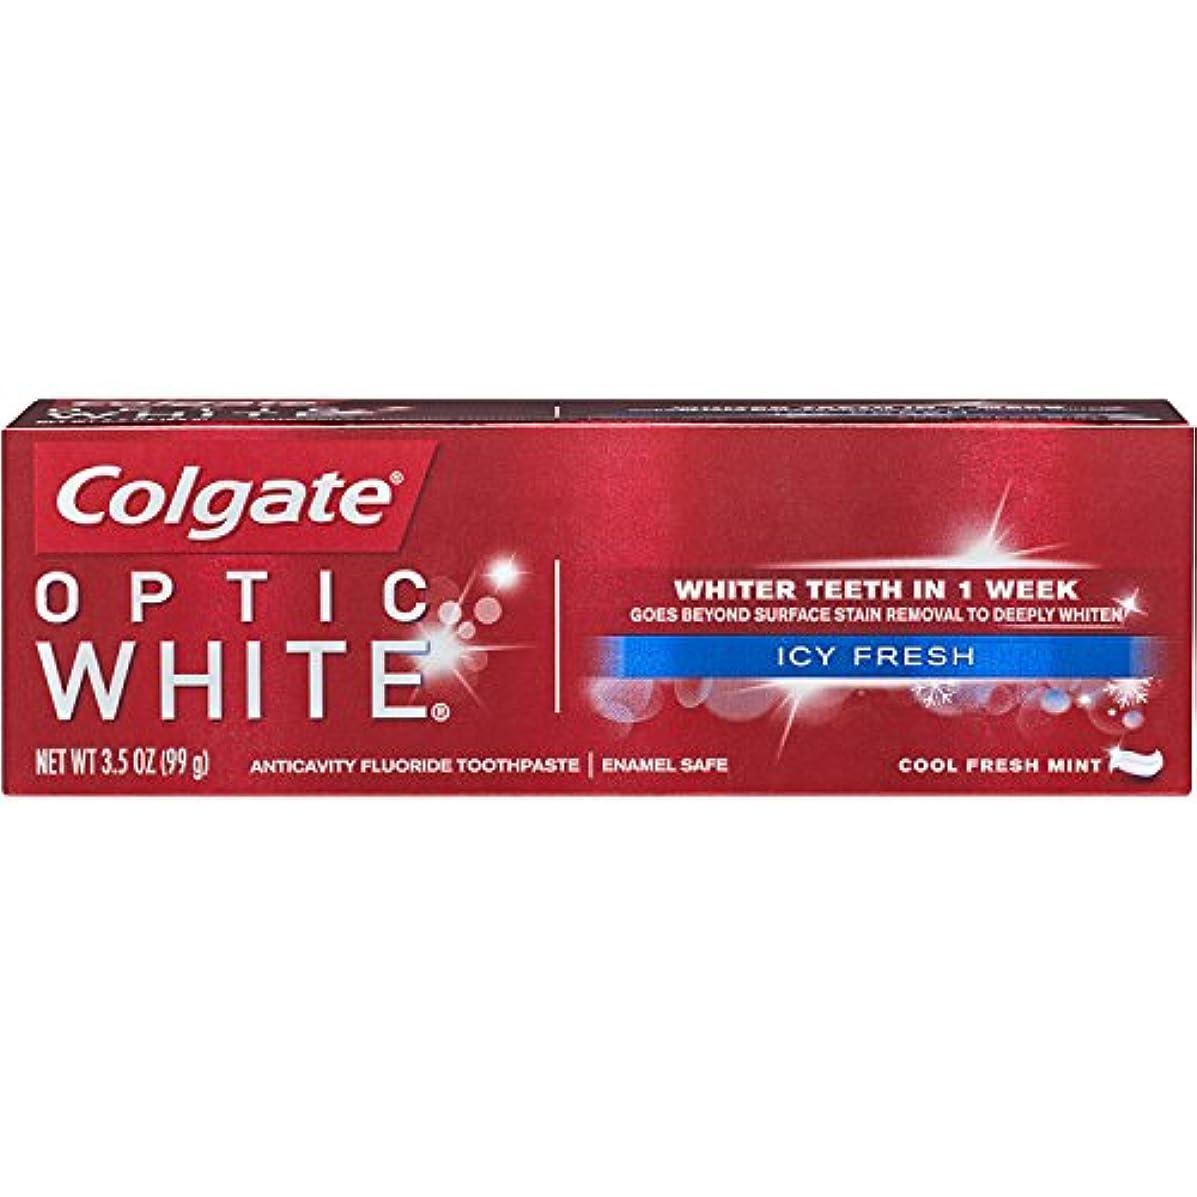 エゴマニアびんの間にColgate Optic White コルゲート Icy Fresh アドバンス ホワイトニング 99g